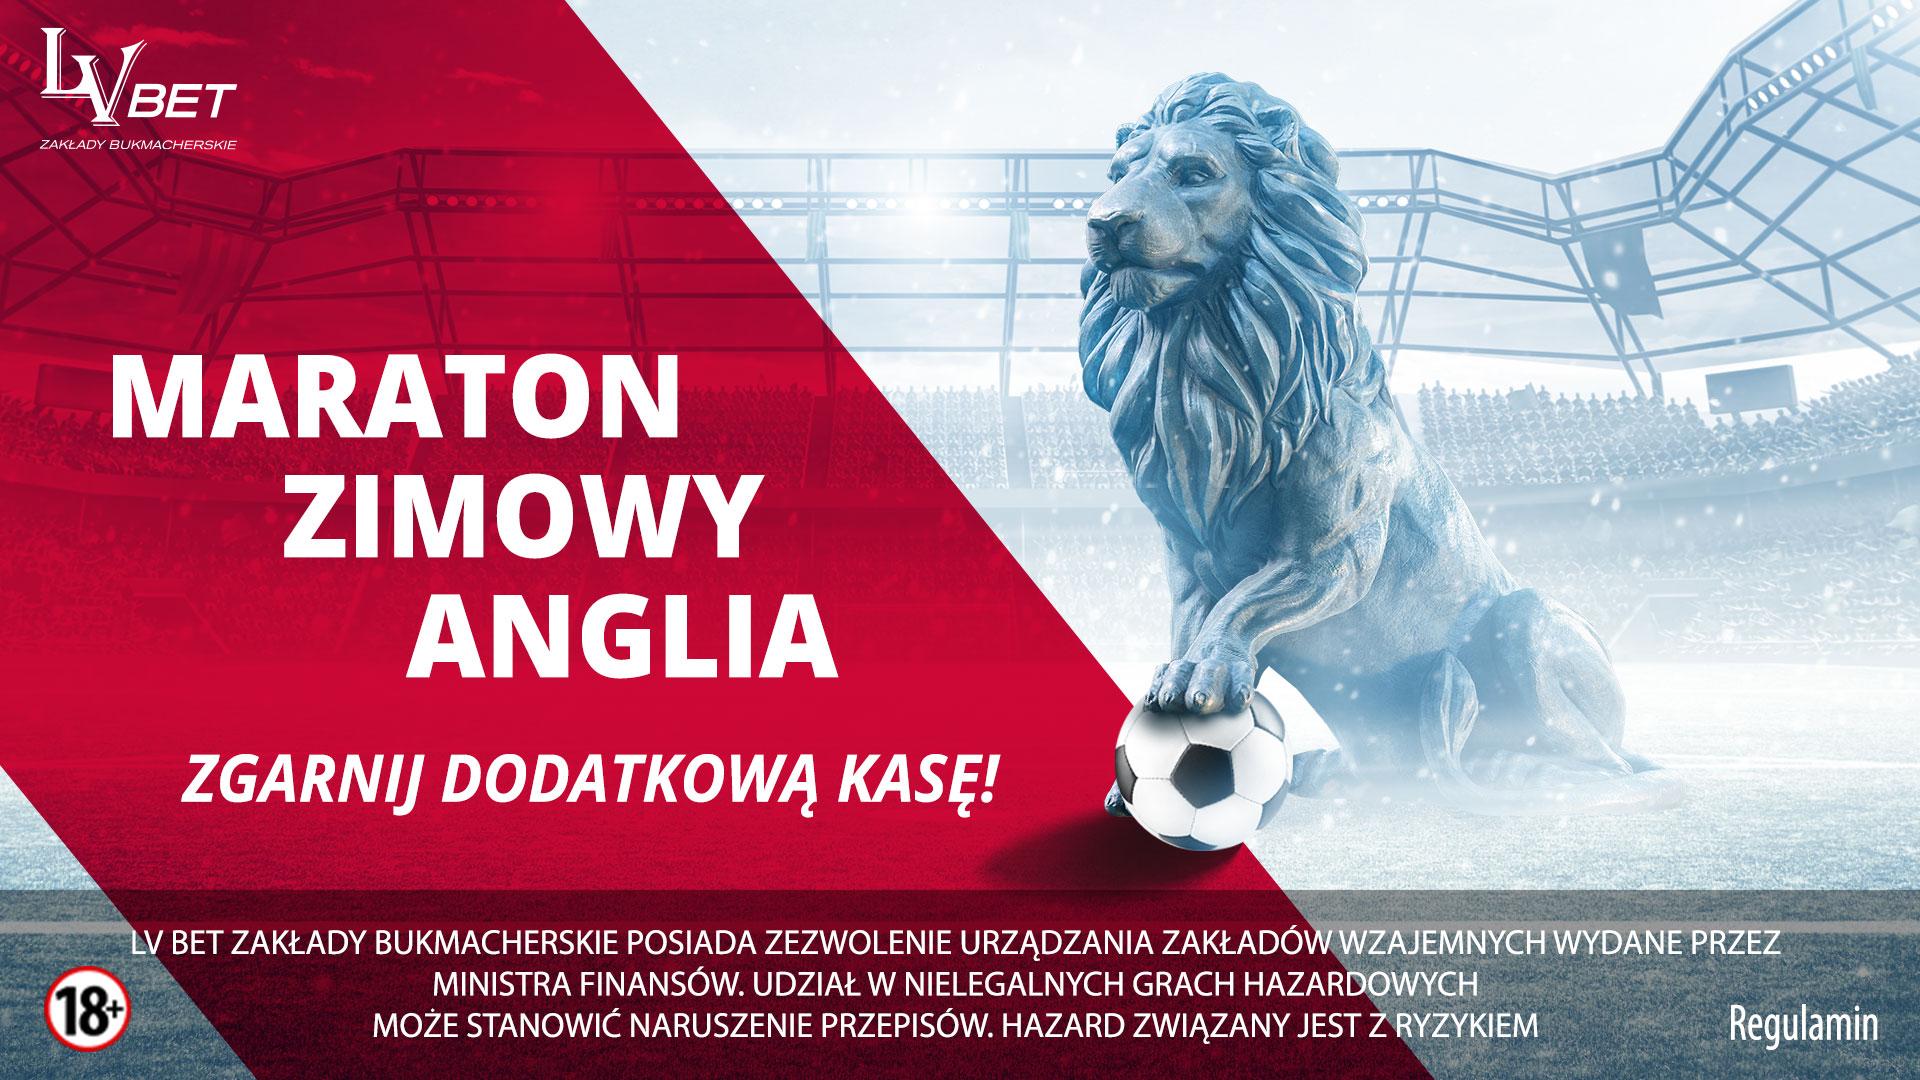 Bonus 250 PLN na Premier League w LvBET!